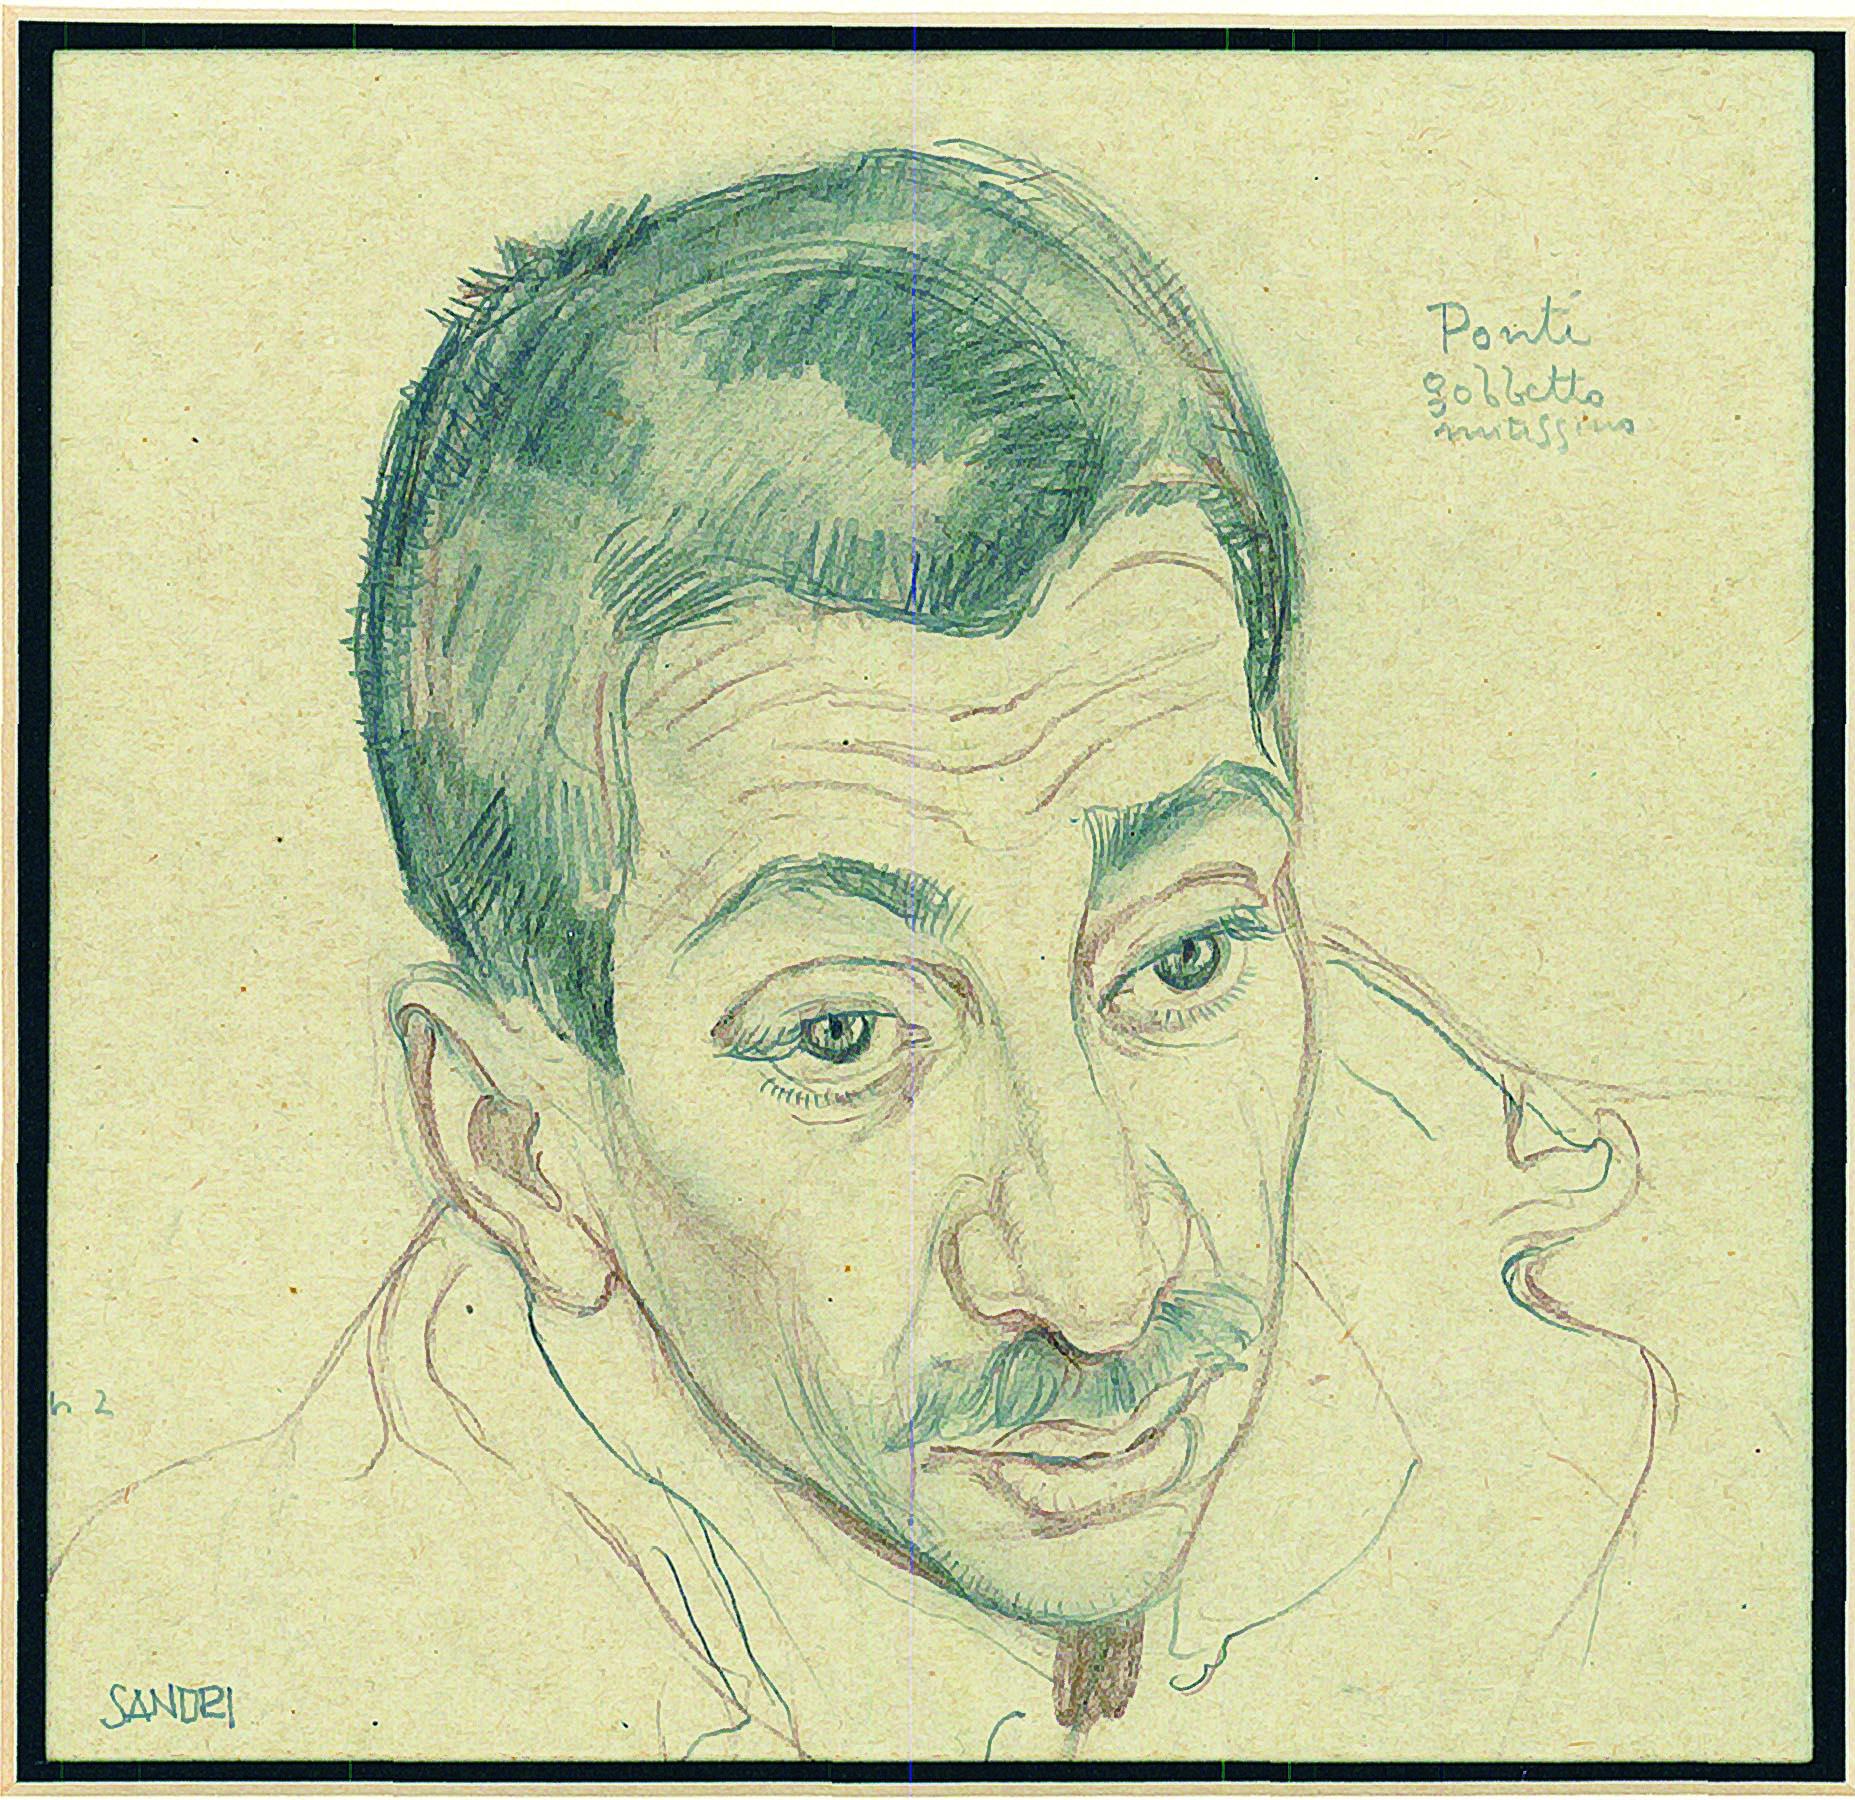 Gino Sandri_Ponti, gobbetto mitissimo, matita e pastello, cm. 15x14